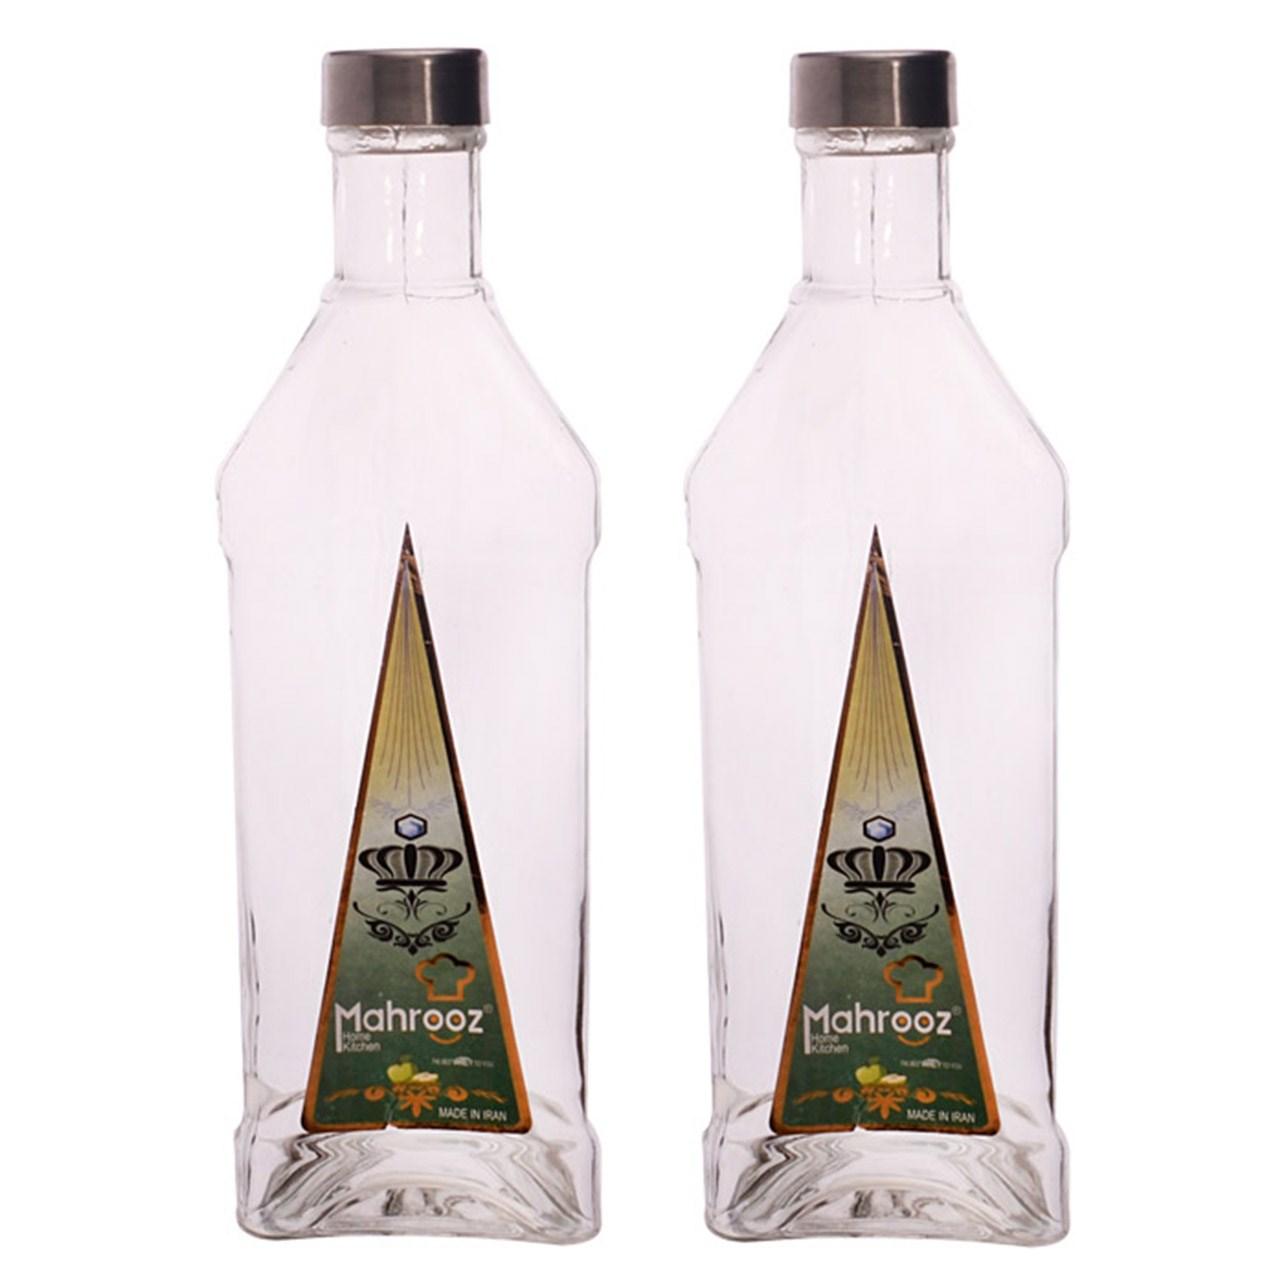 بطری مهروز مدل Bermuda - بسته 2 عددی